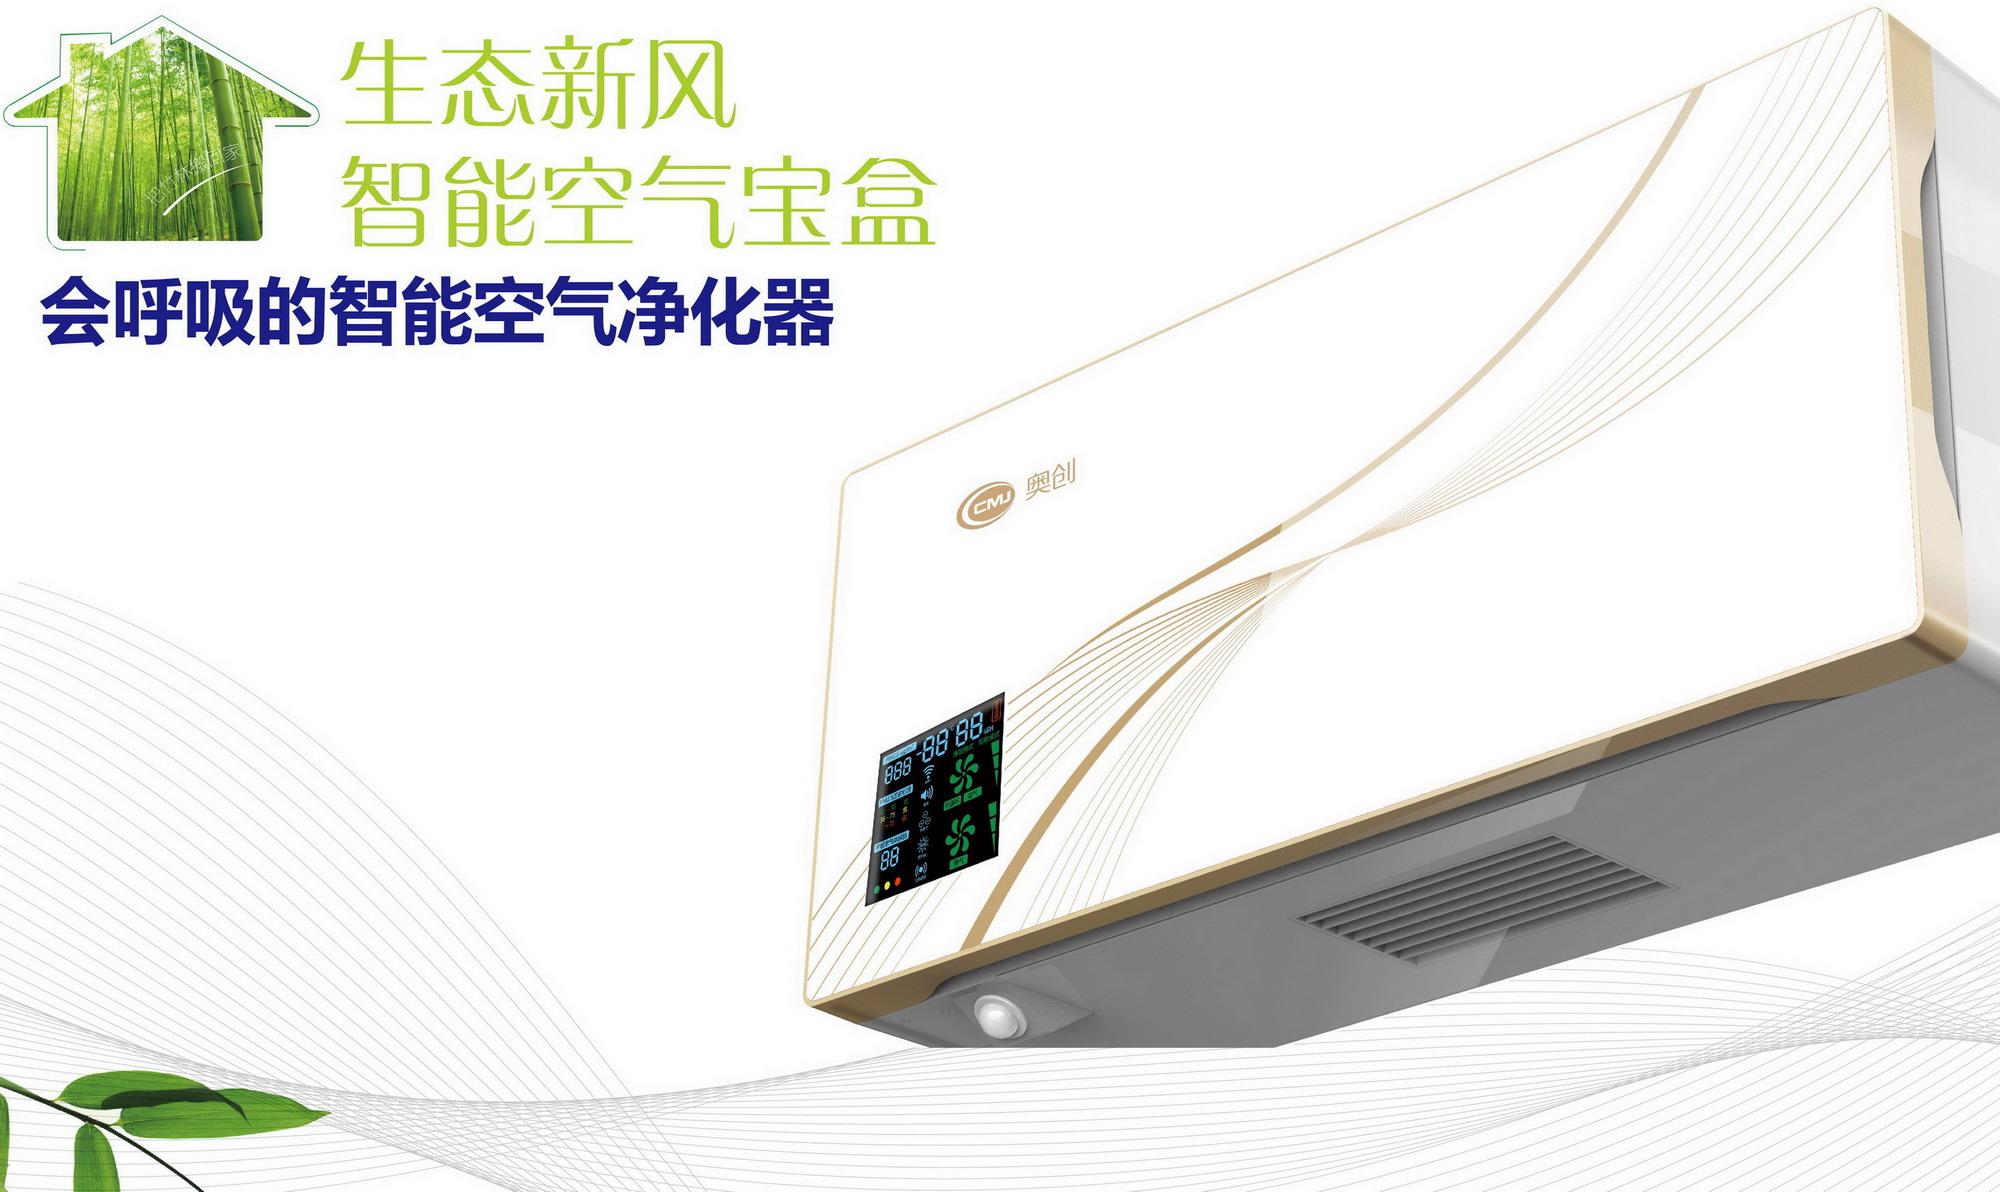 空气生态宝盒-新风机